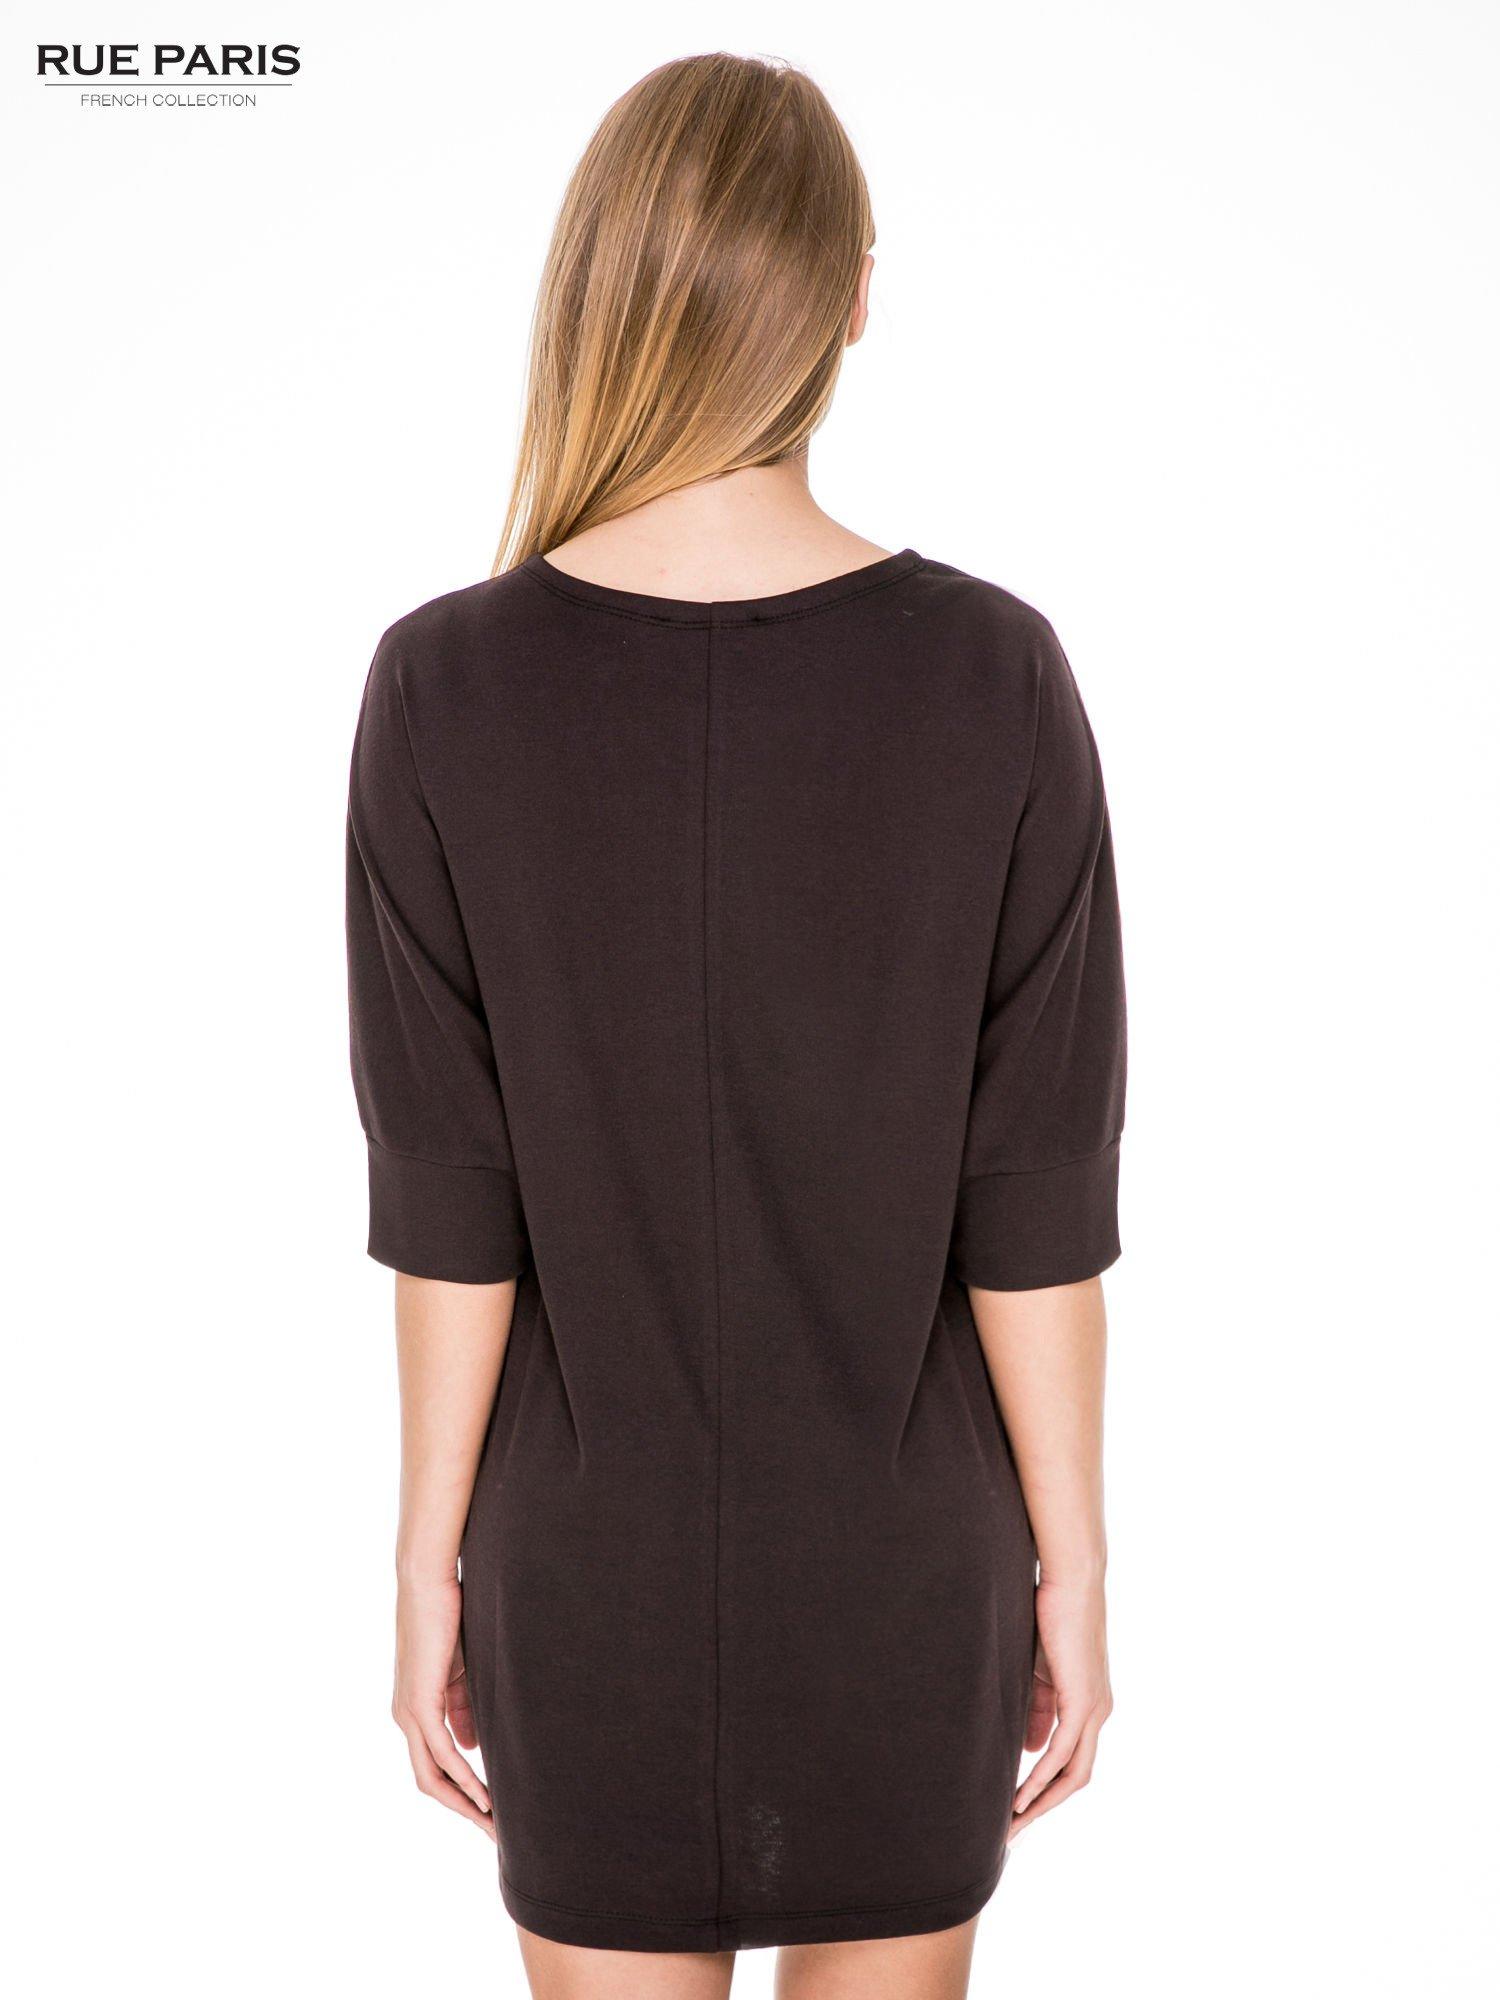 Brązowa bawełniana sukienka z luźnym rękawem                                  zdj.                                  4